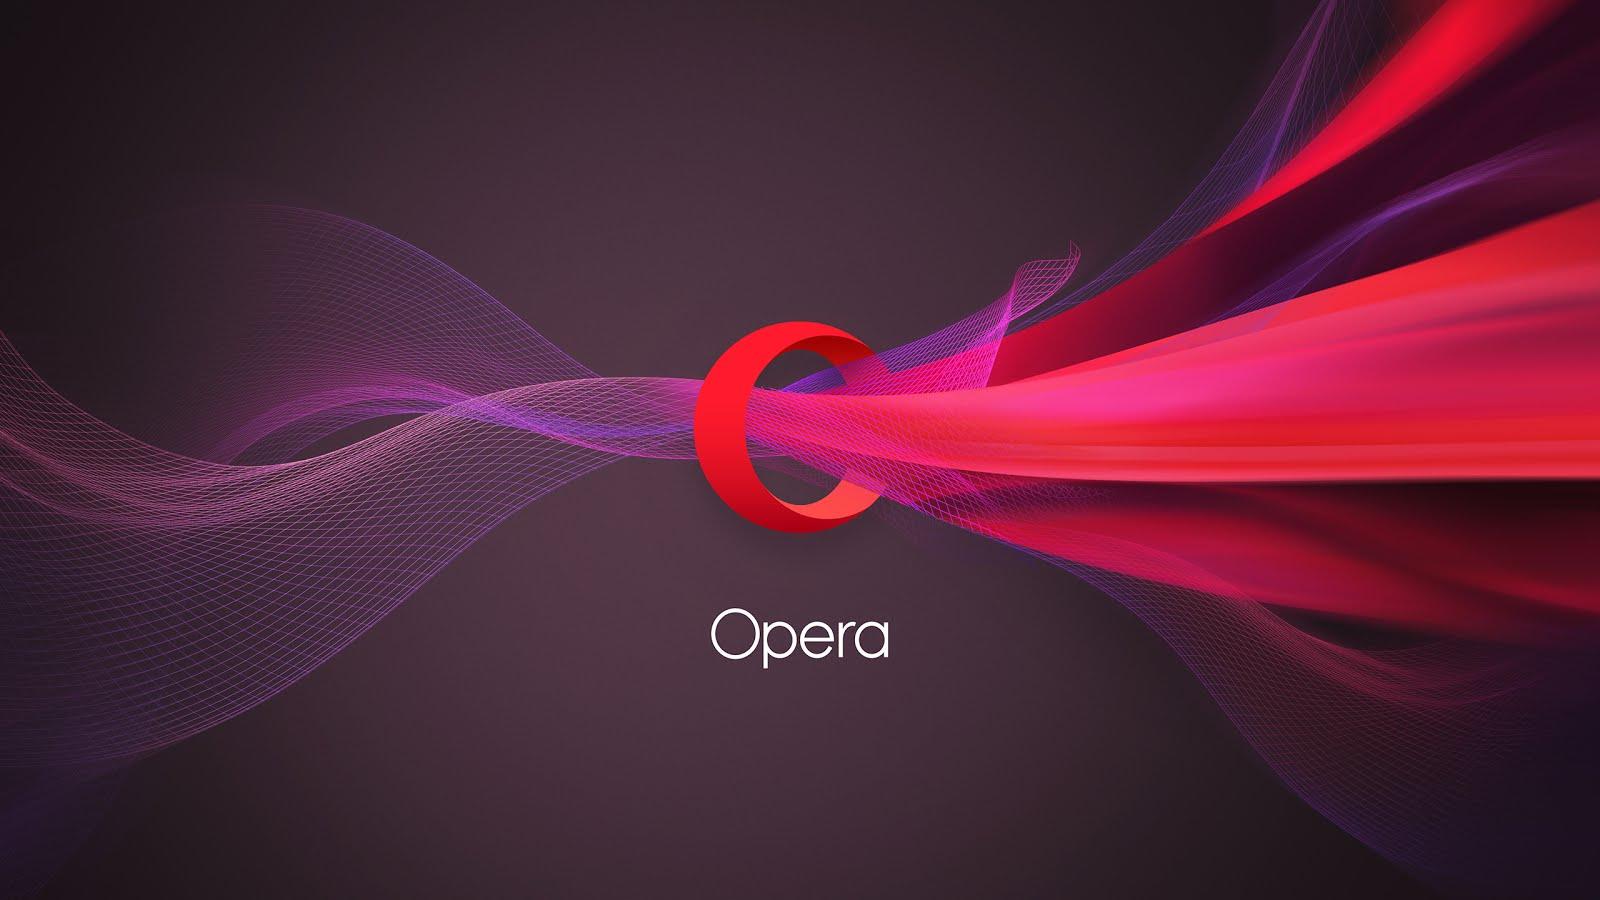 تحميل برنامج اوبرا مينى Opera Mini للاندرويد اصدار 2017 التحديث الاخير تحميل برابط مباشر 1